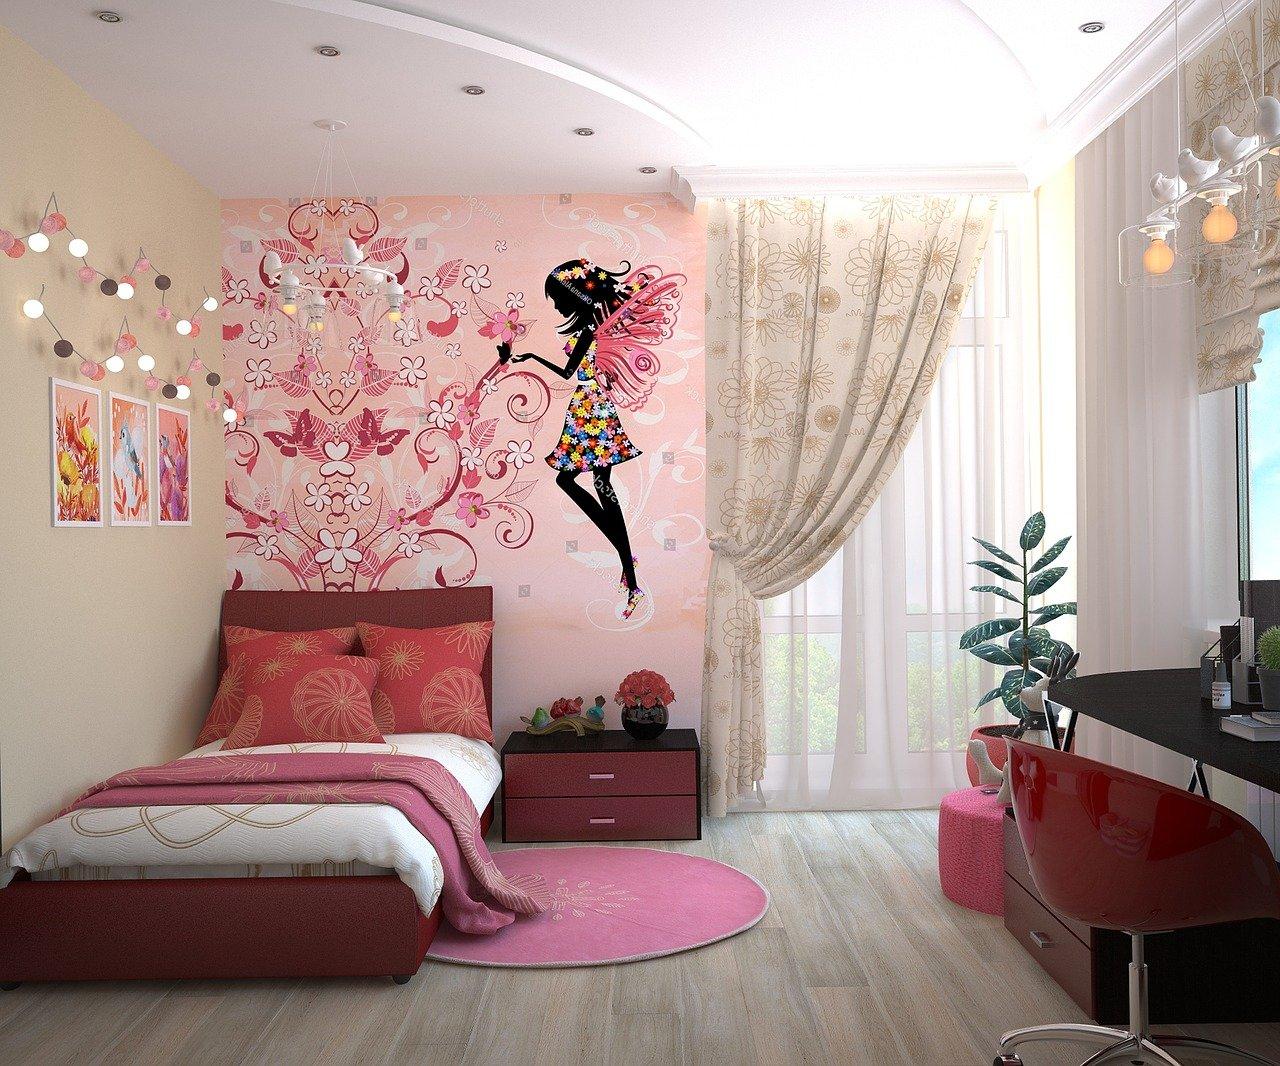 Kiedy dywan w pokoju dziecięcym koniecznie trzeba wymienić na nowy? 22